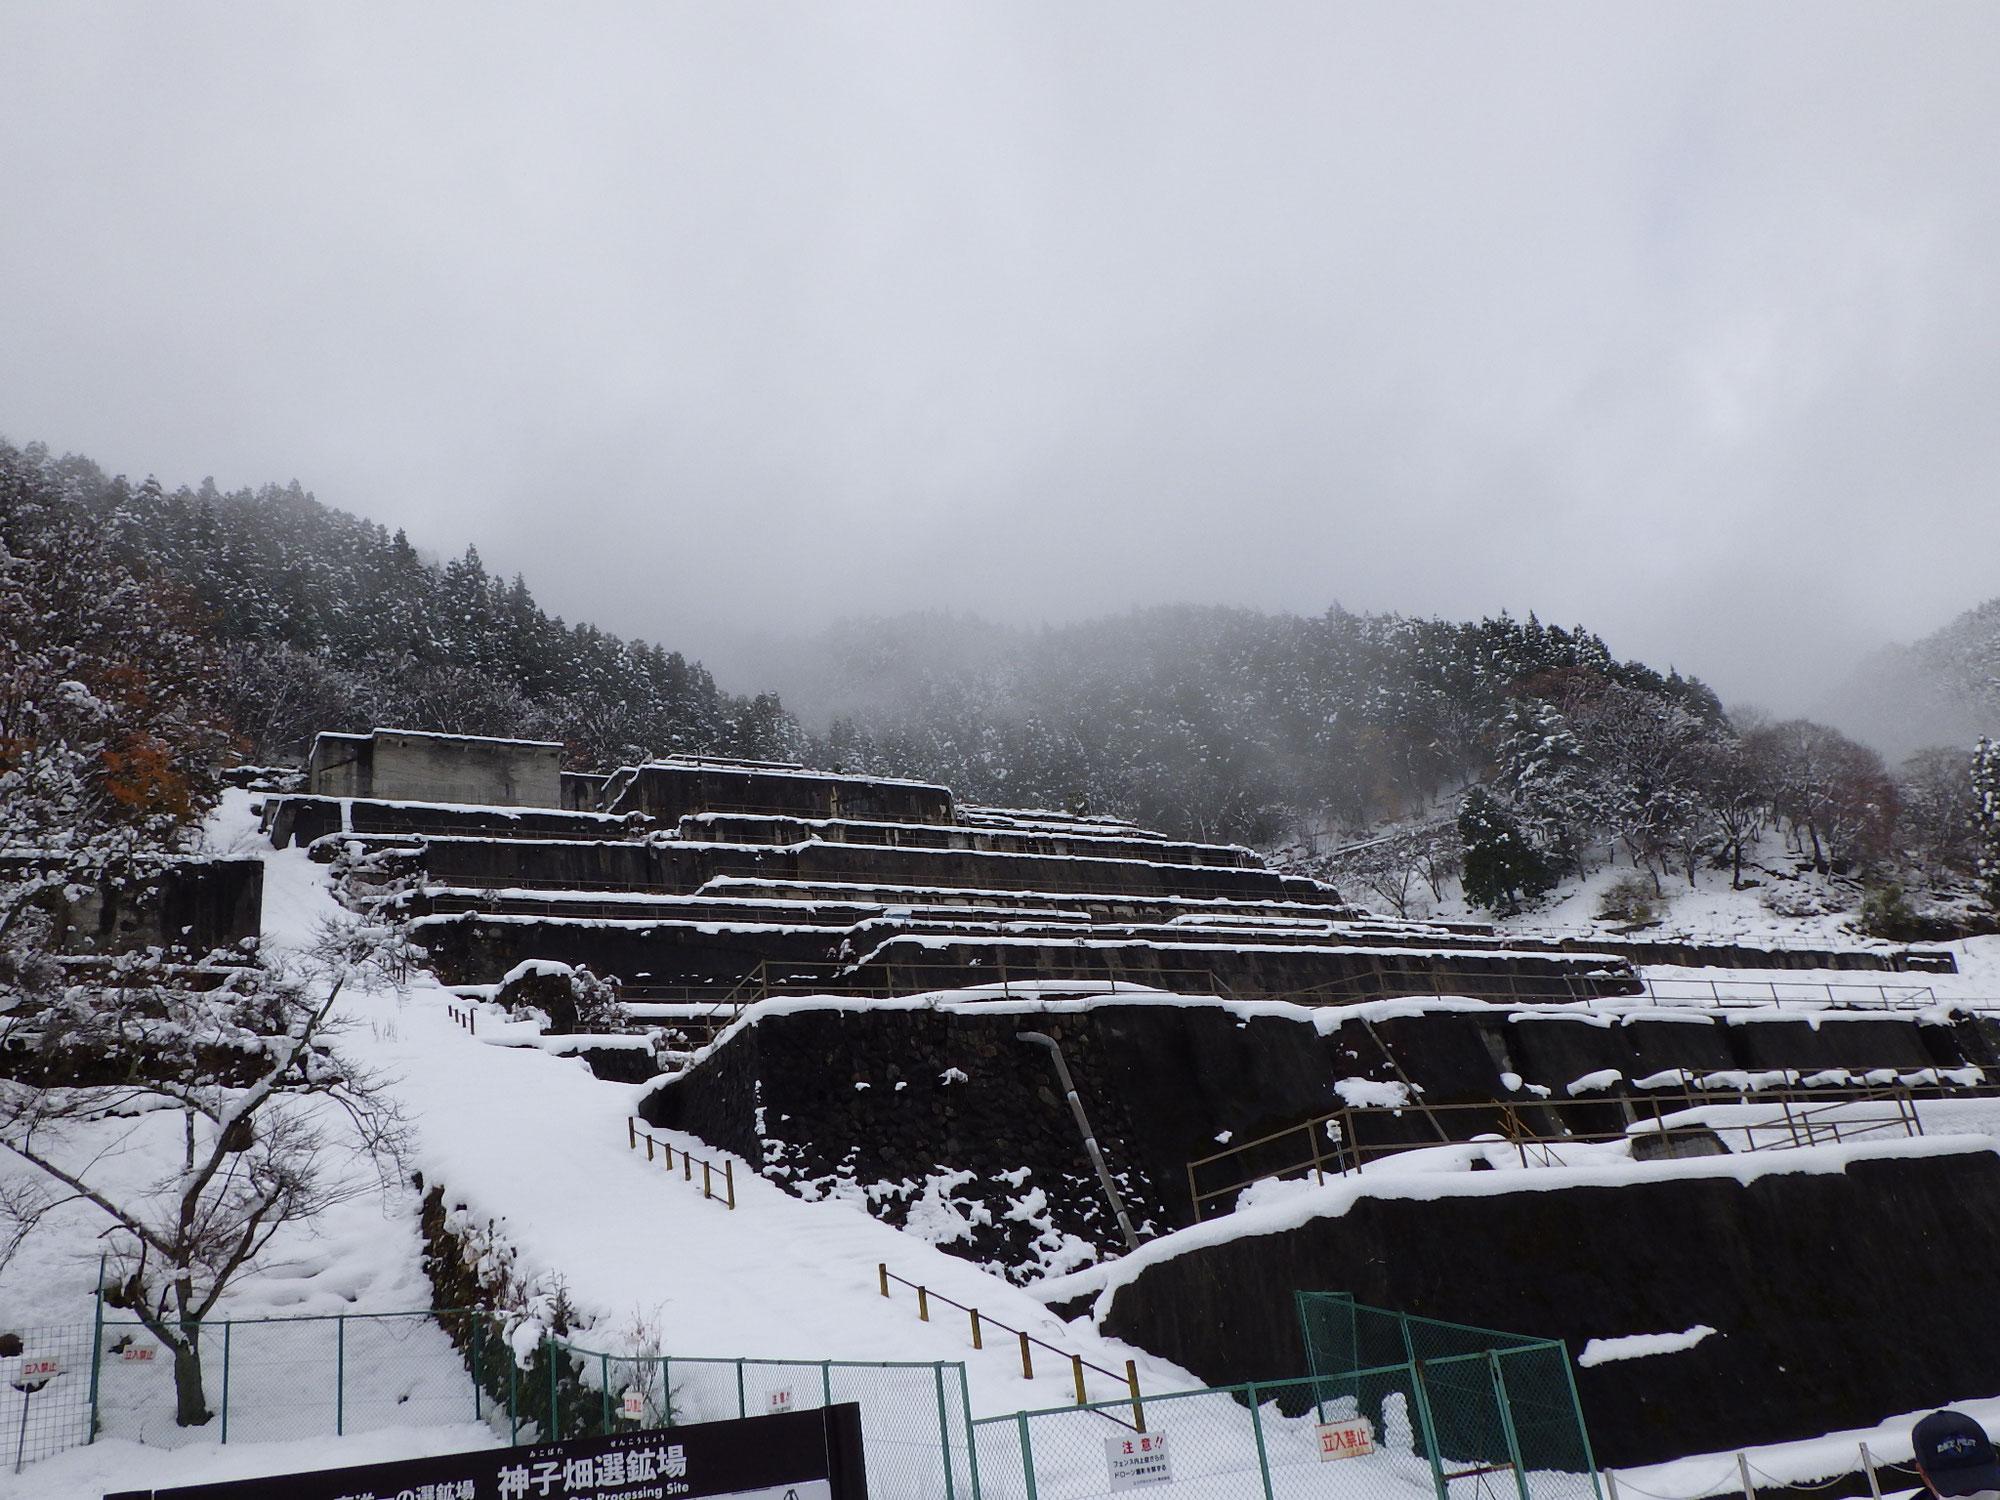 神子畑(みこばた)鉱山選鉱場先進地調査